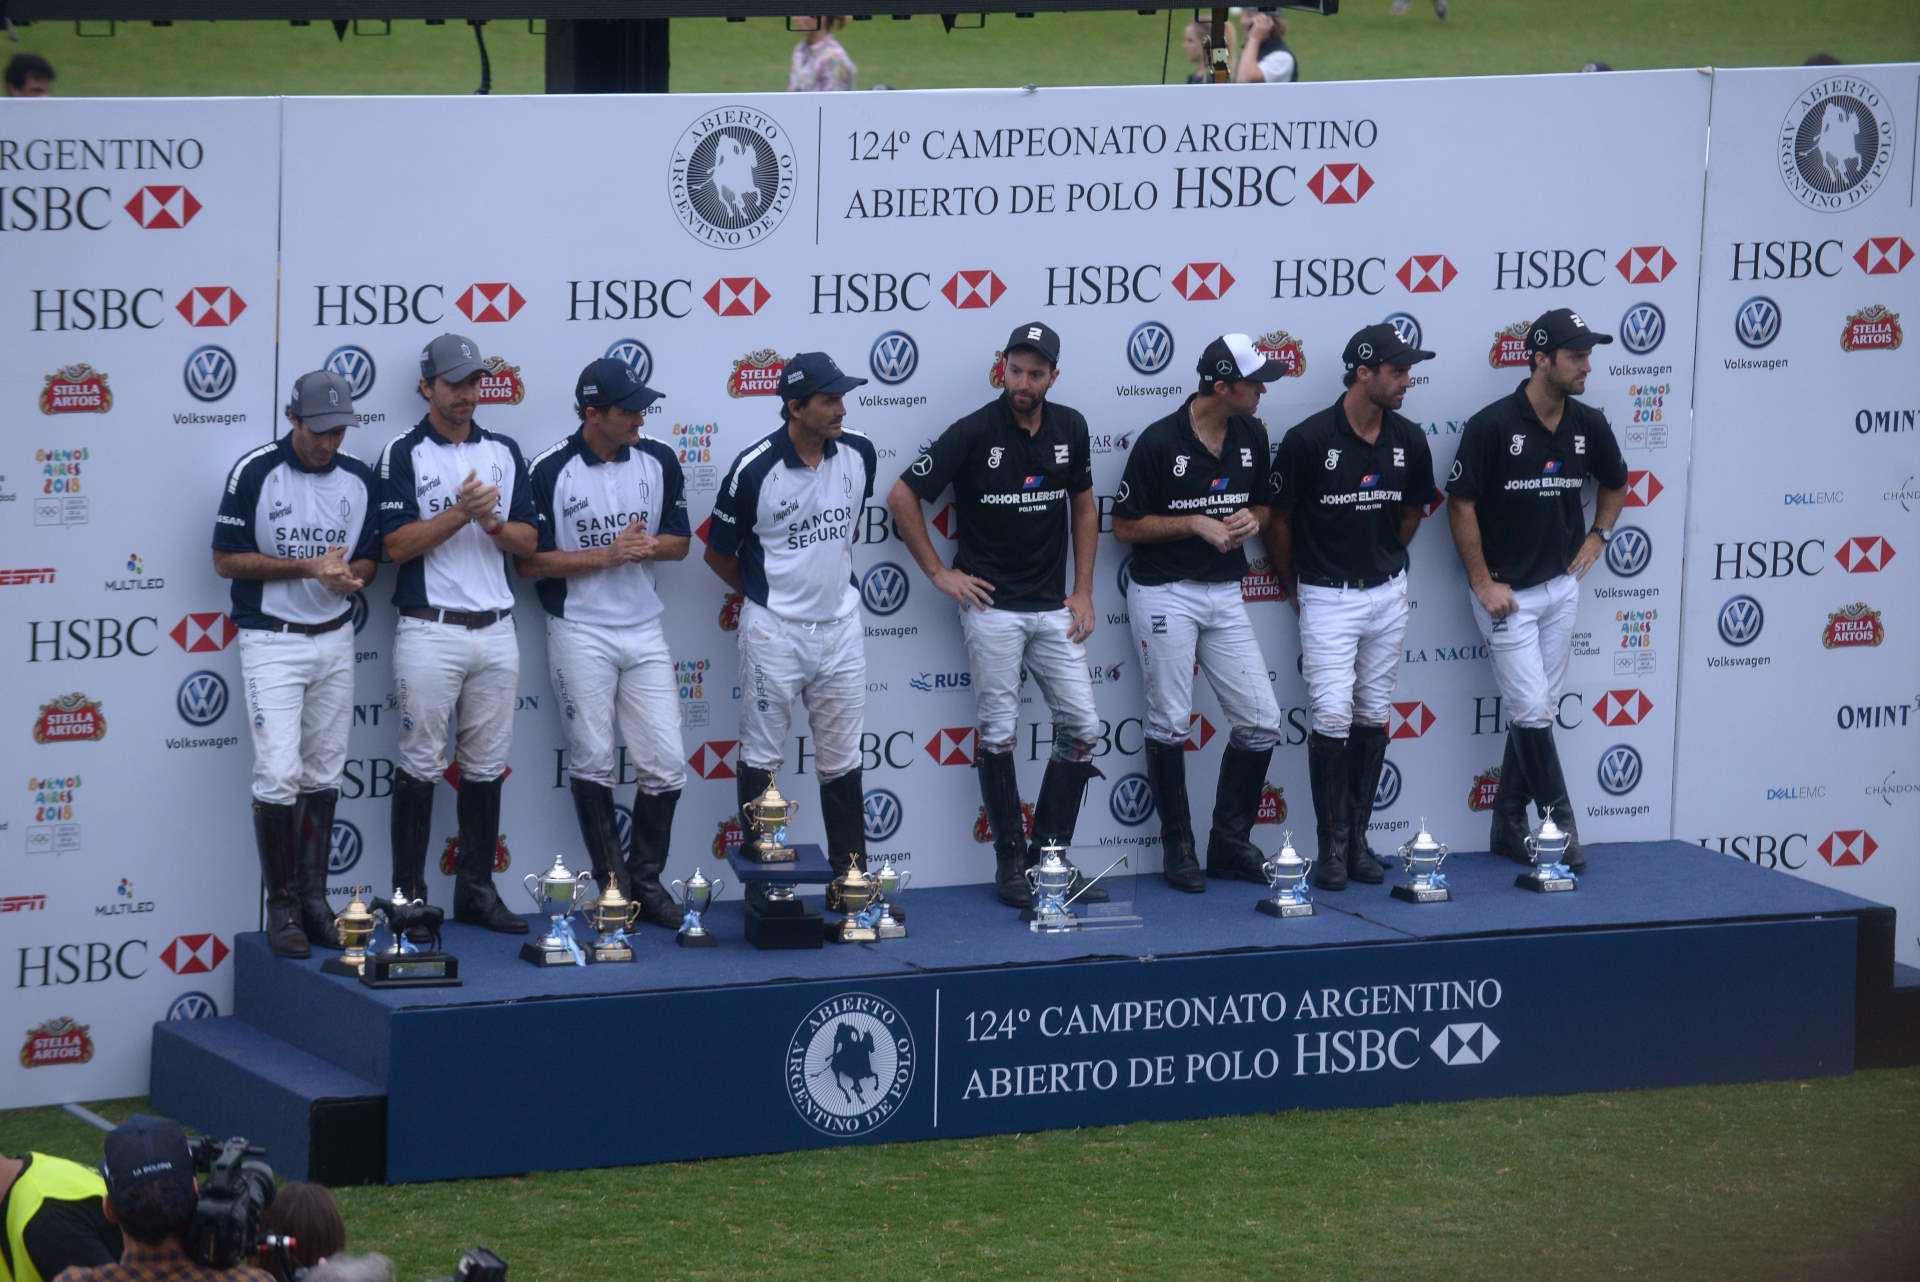 El equipo de Adolfo Cambiaso, La Dolfina, volvió a ganar el Campeonato Argentino Abierto de Polo de Palermo y se coronó pentacampeón, con un resultado de 14-13 sobre Ellerstina